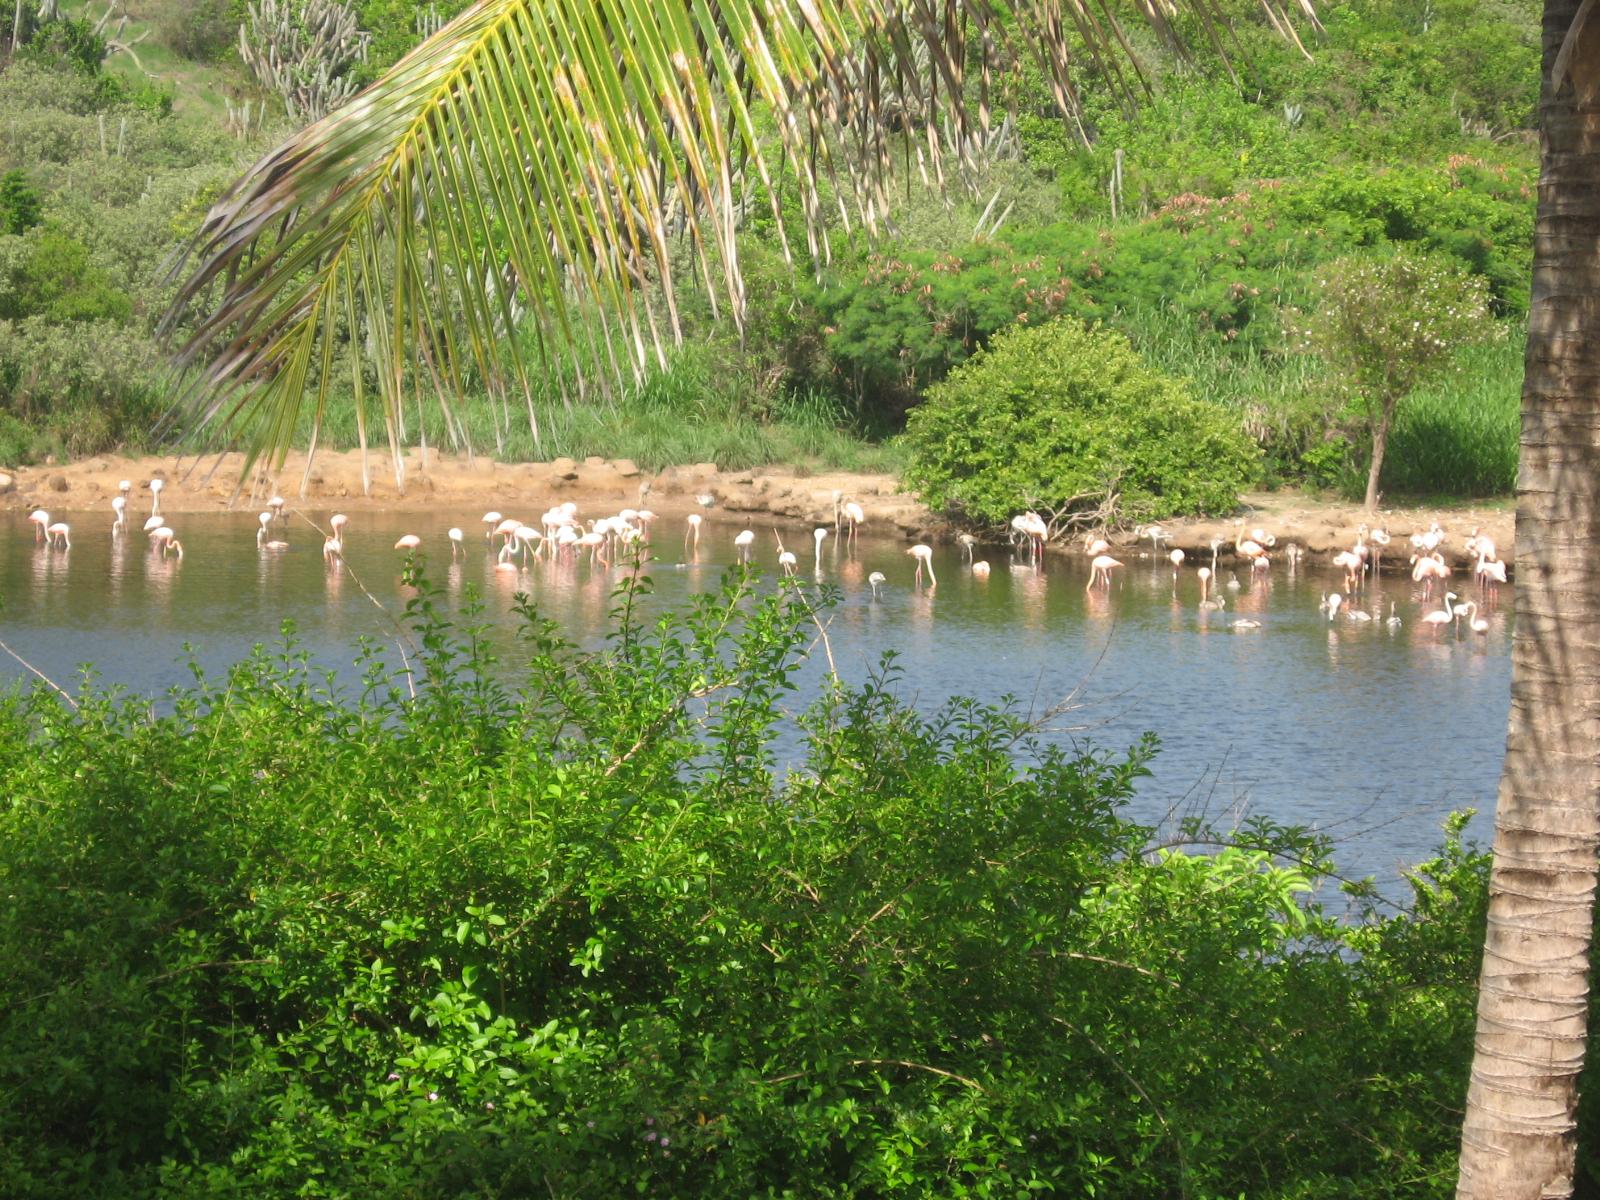 Flamingo Pond, Anegada, BVI